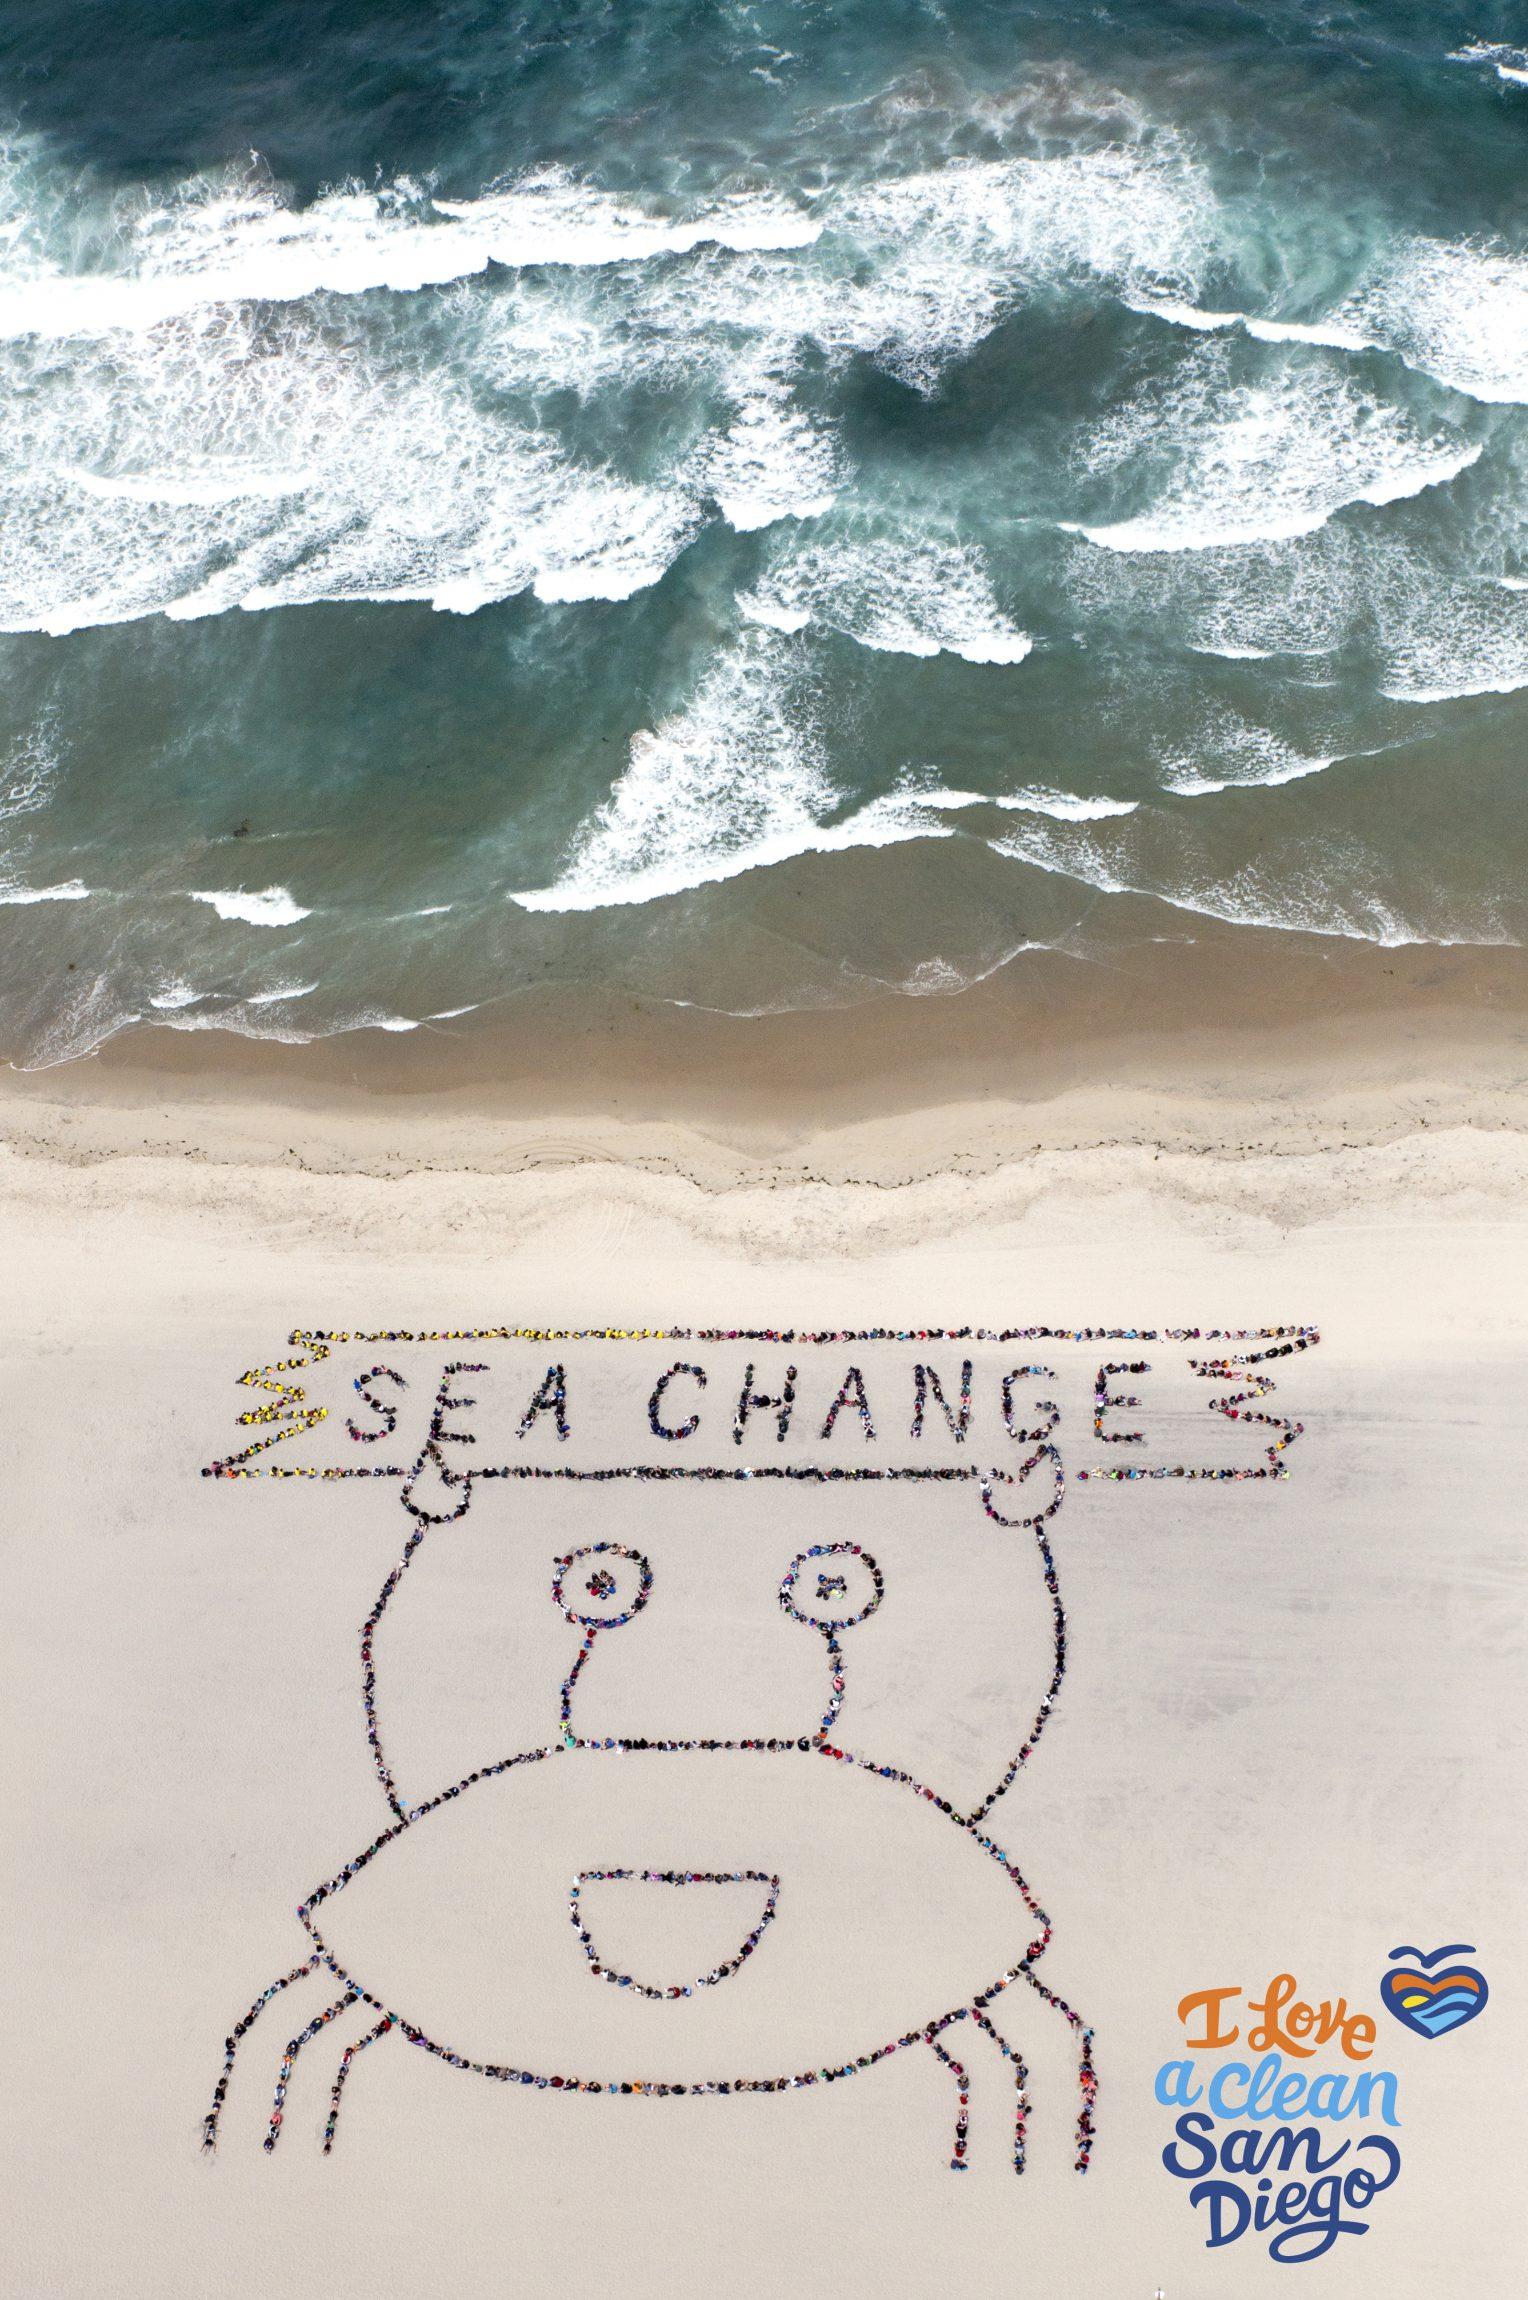 Aerial Art - Kids' Ocean Day 2016